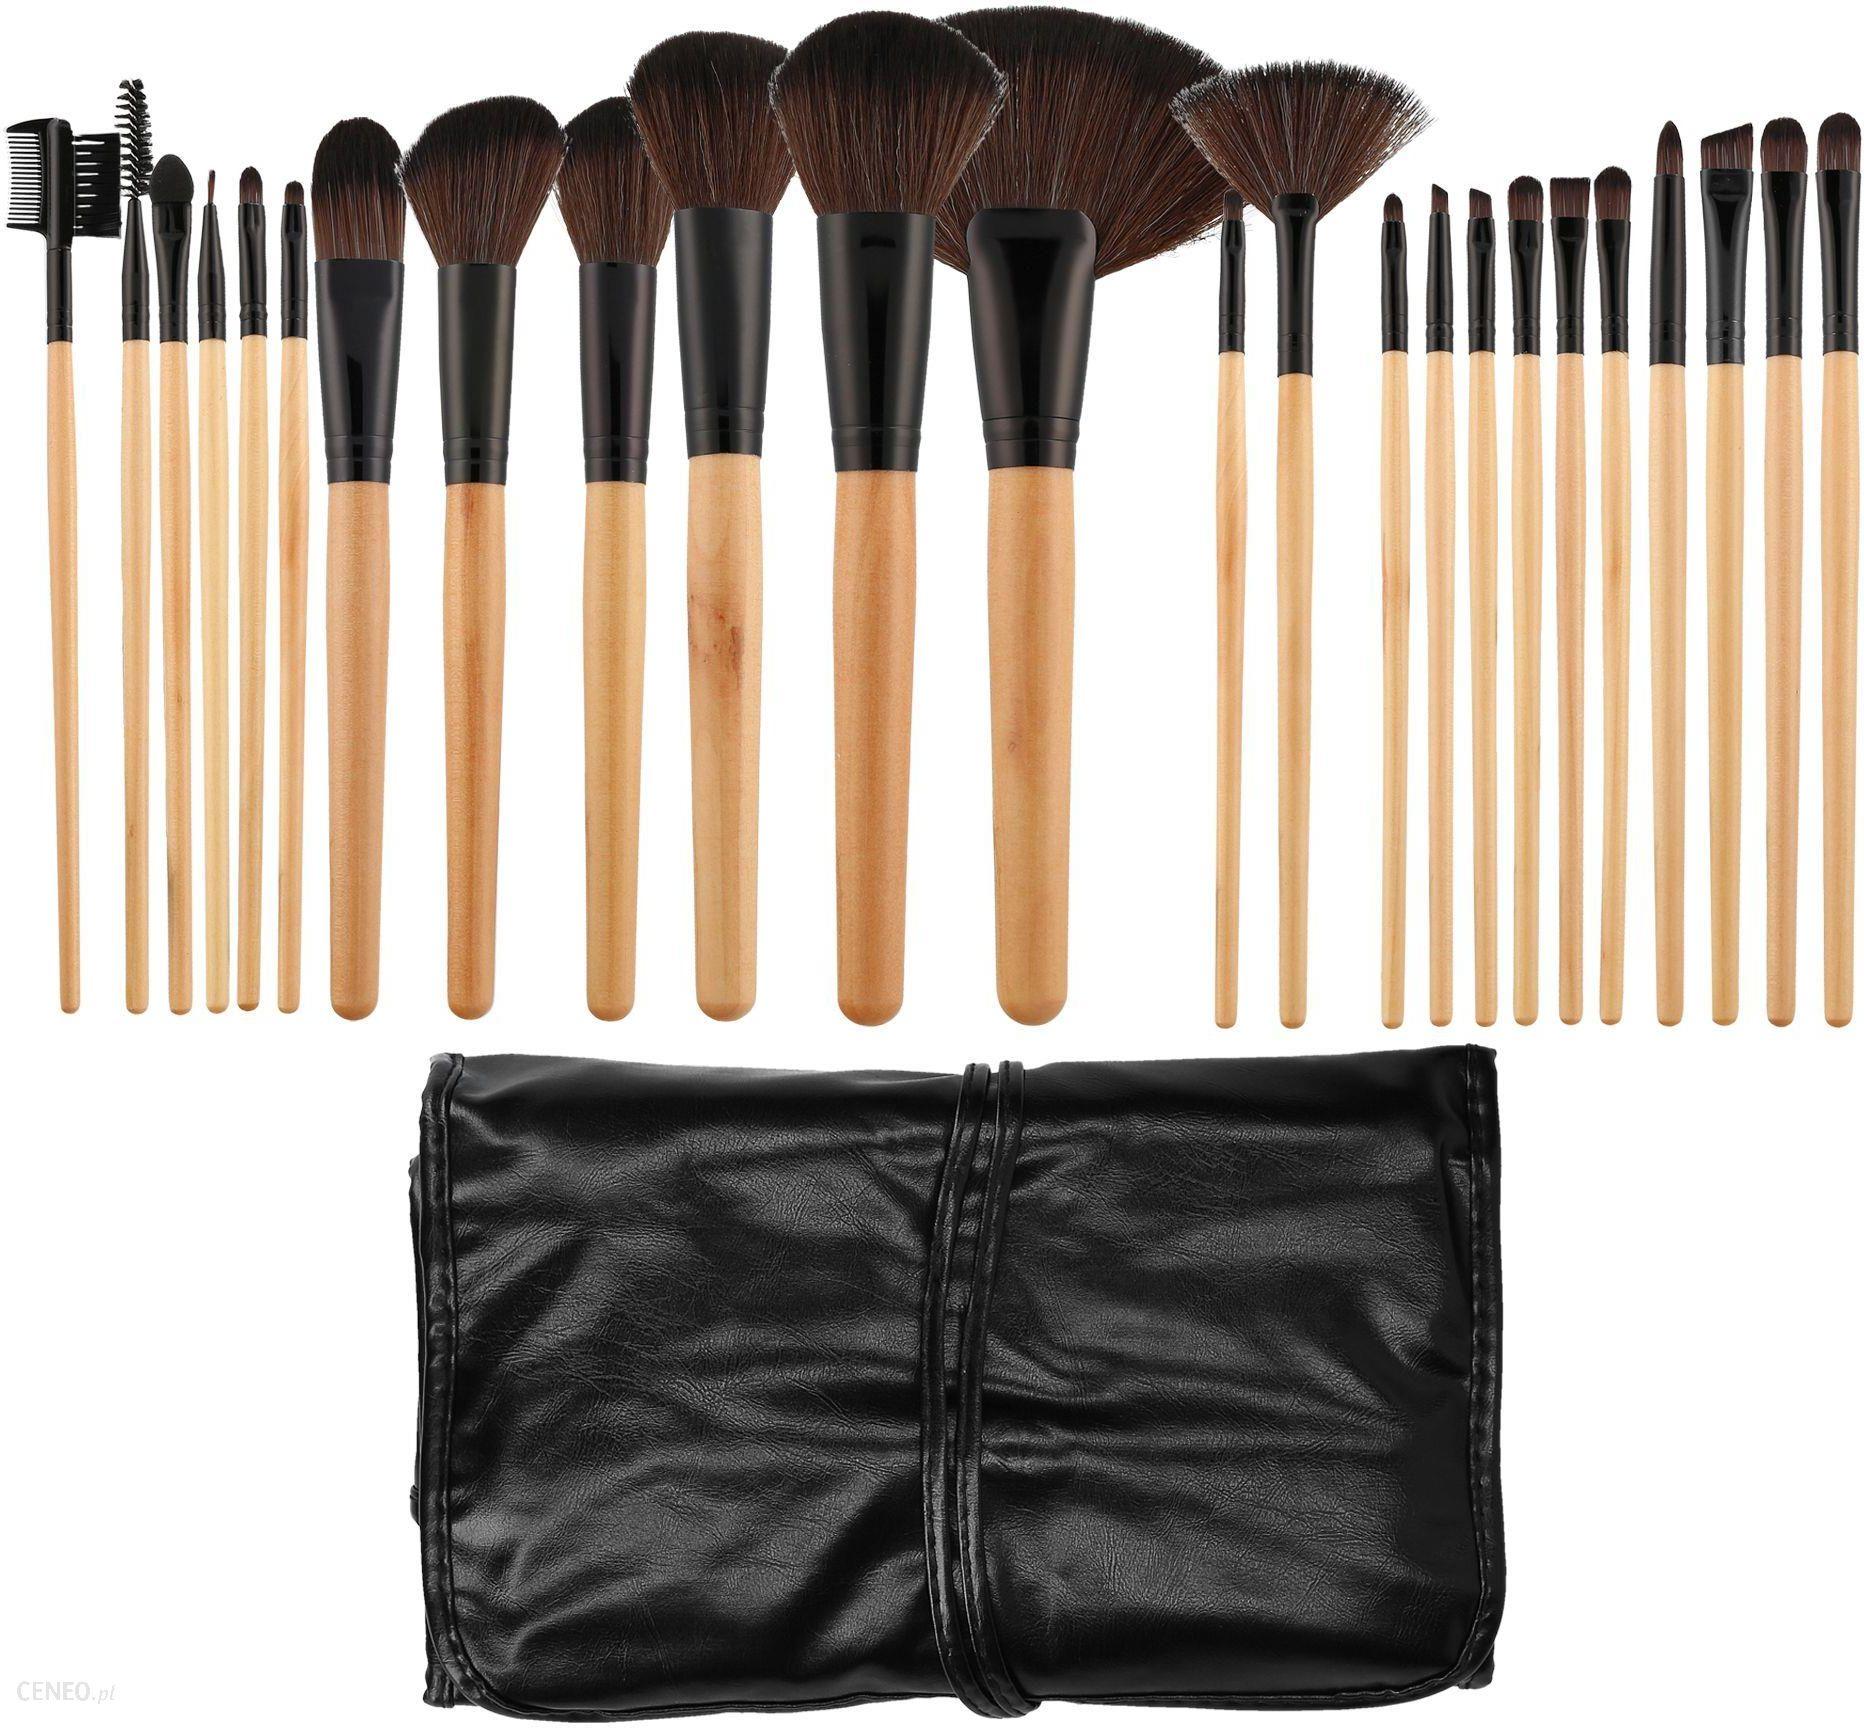 Tools For Beauty Zestaw Pędzli Do Makijażu 24